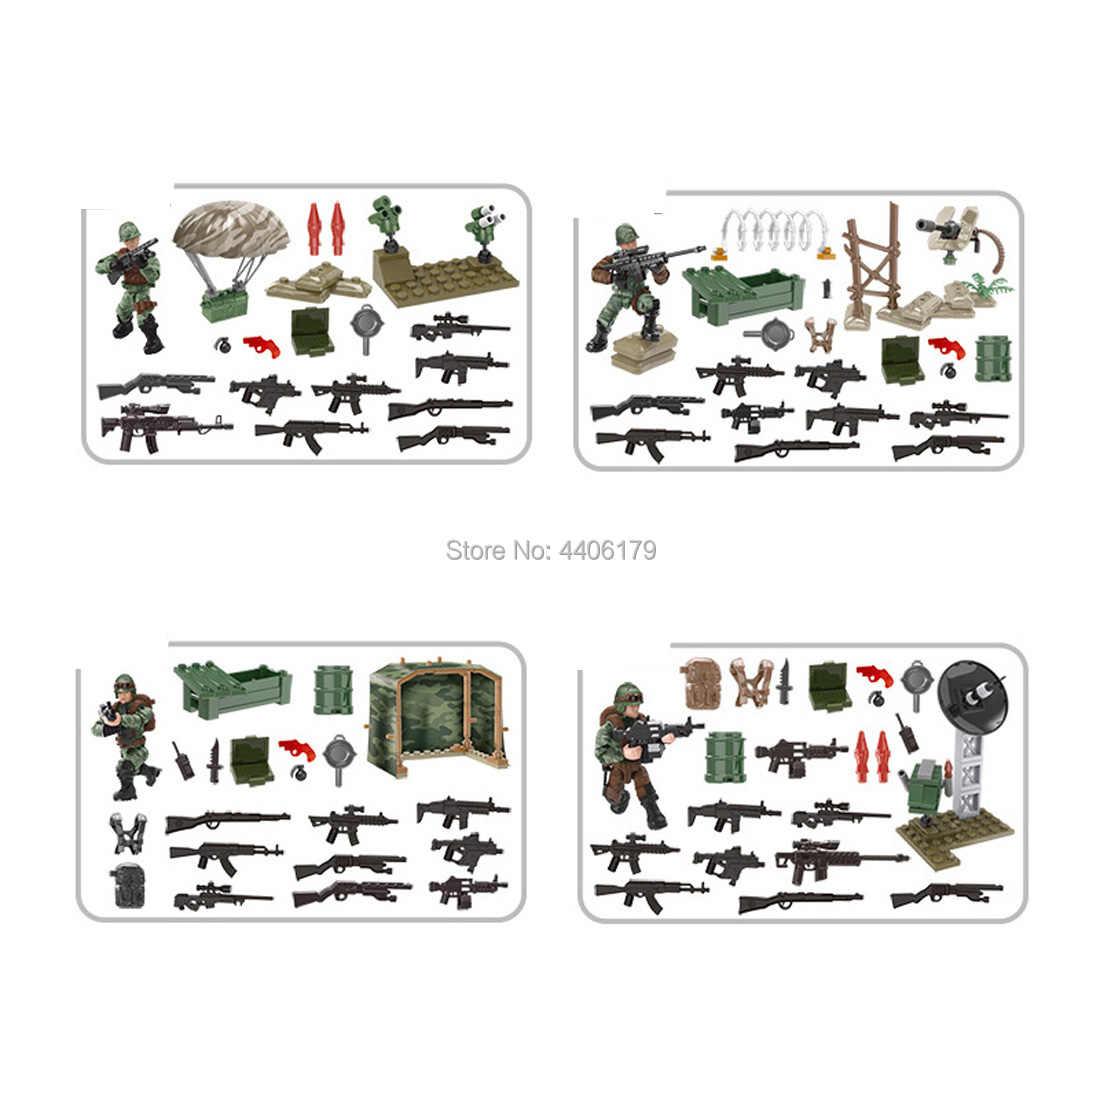 Caliente LegoINGlys militar ww2 soldado aéreo de la selva asalto guerra bloques de construcción mini arma figuras de ladrillo juguetes para niños regalo